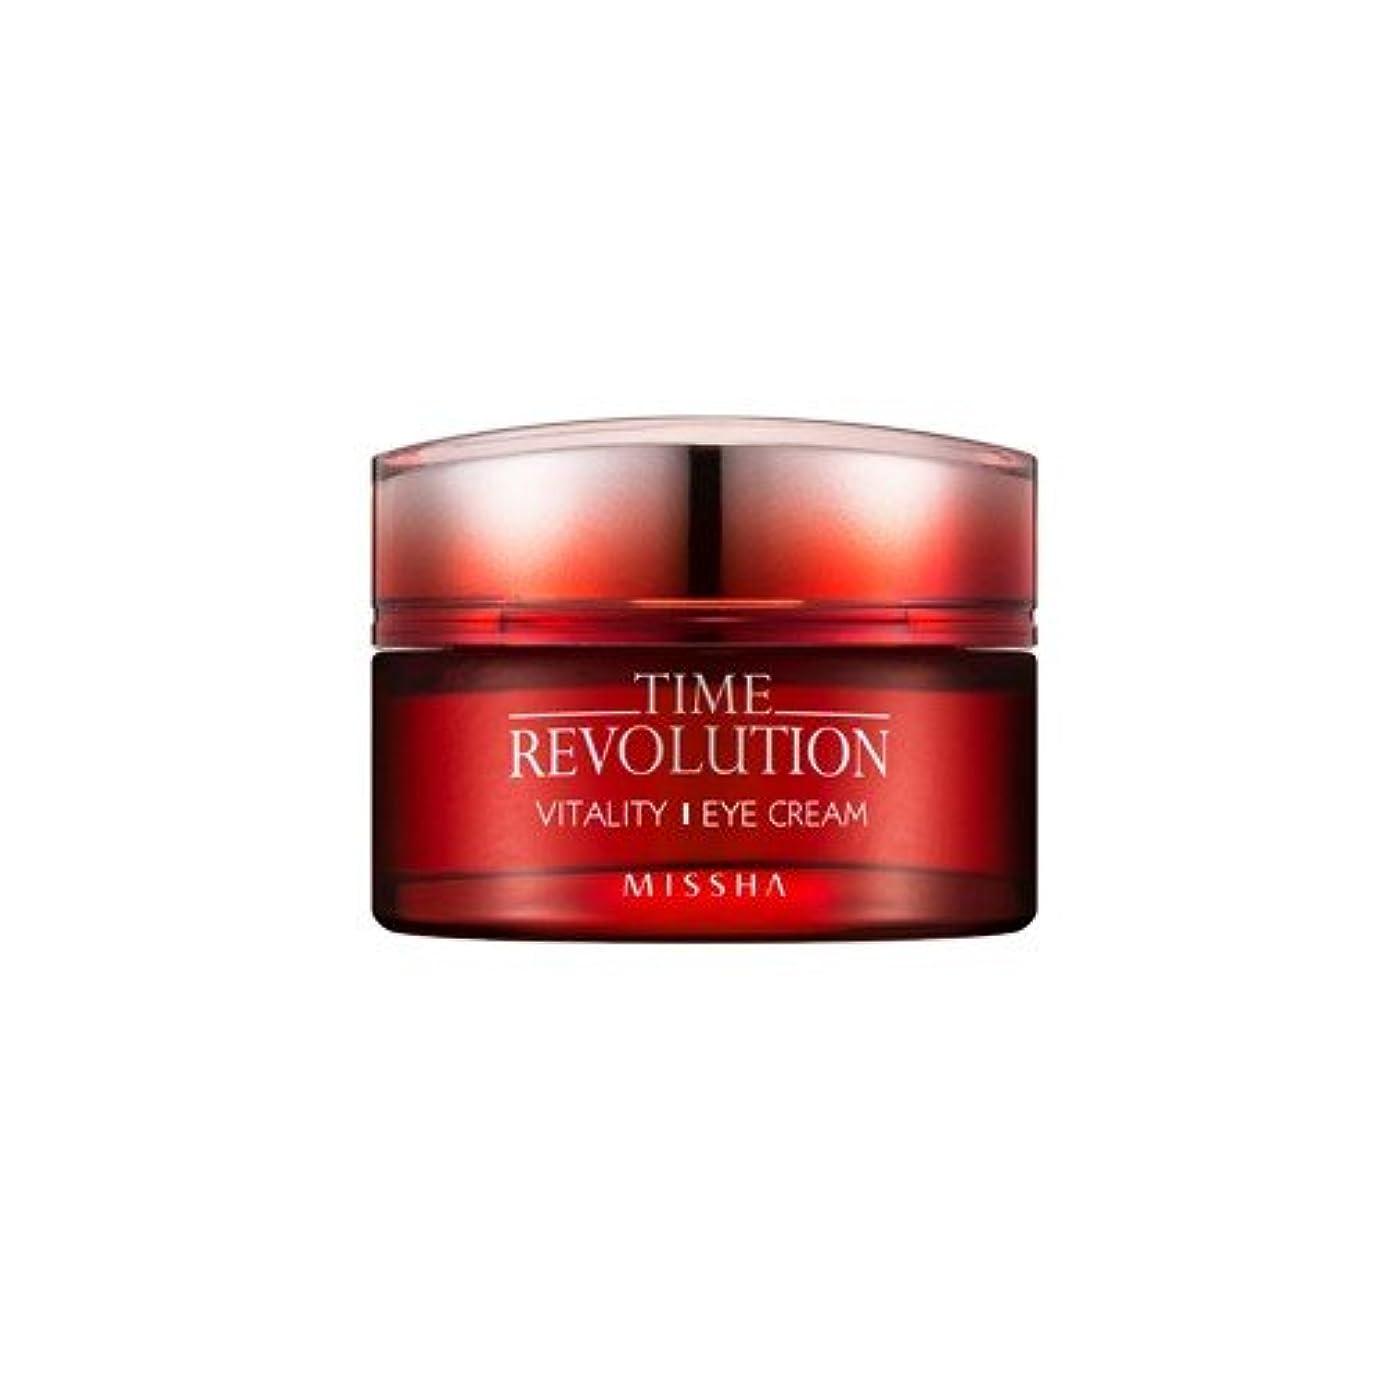 近々季節ぶどうMISSHA time revolution vitality eye cream (ミシャ タイムレボリューション バイタリティー アイクリーム)25ml